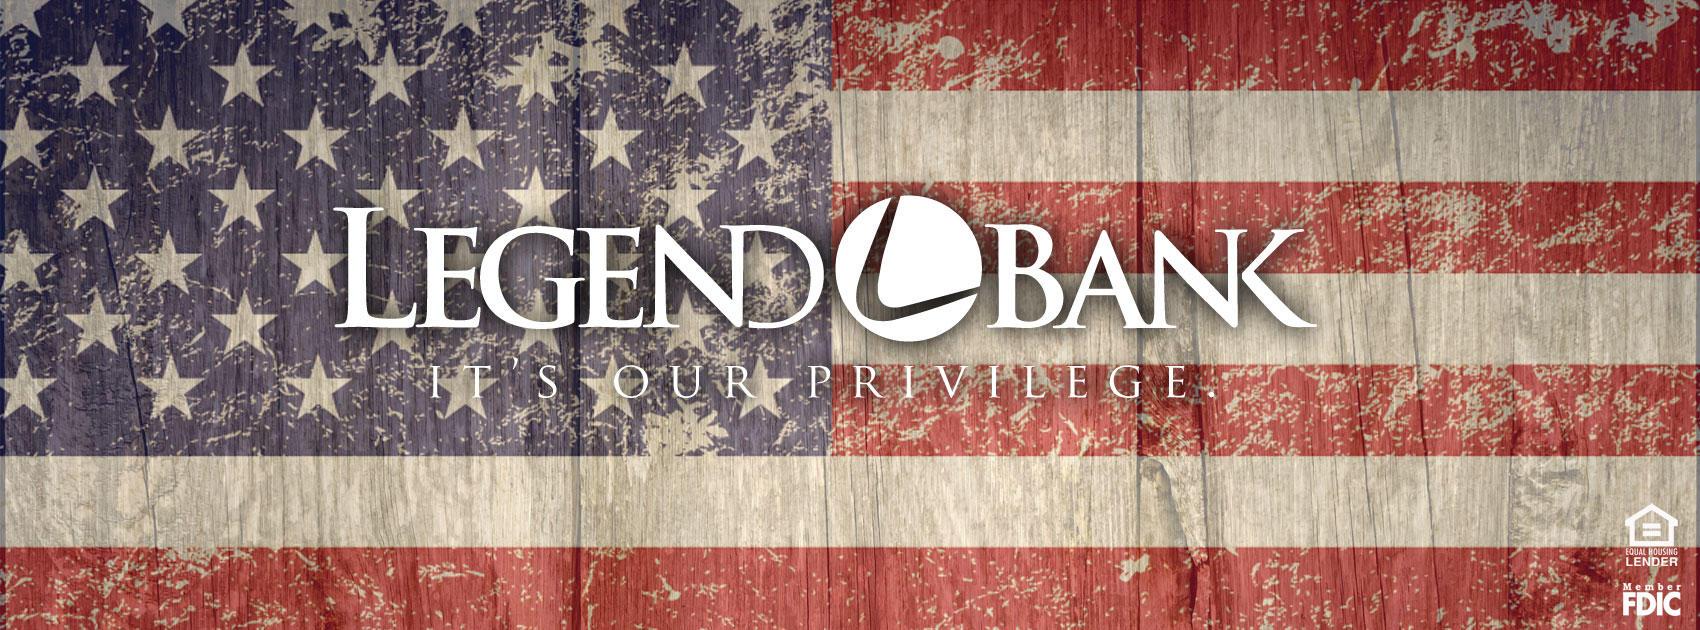 Legend Bank image 1